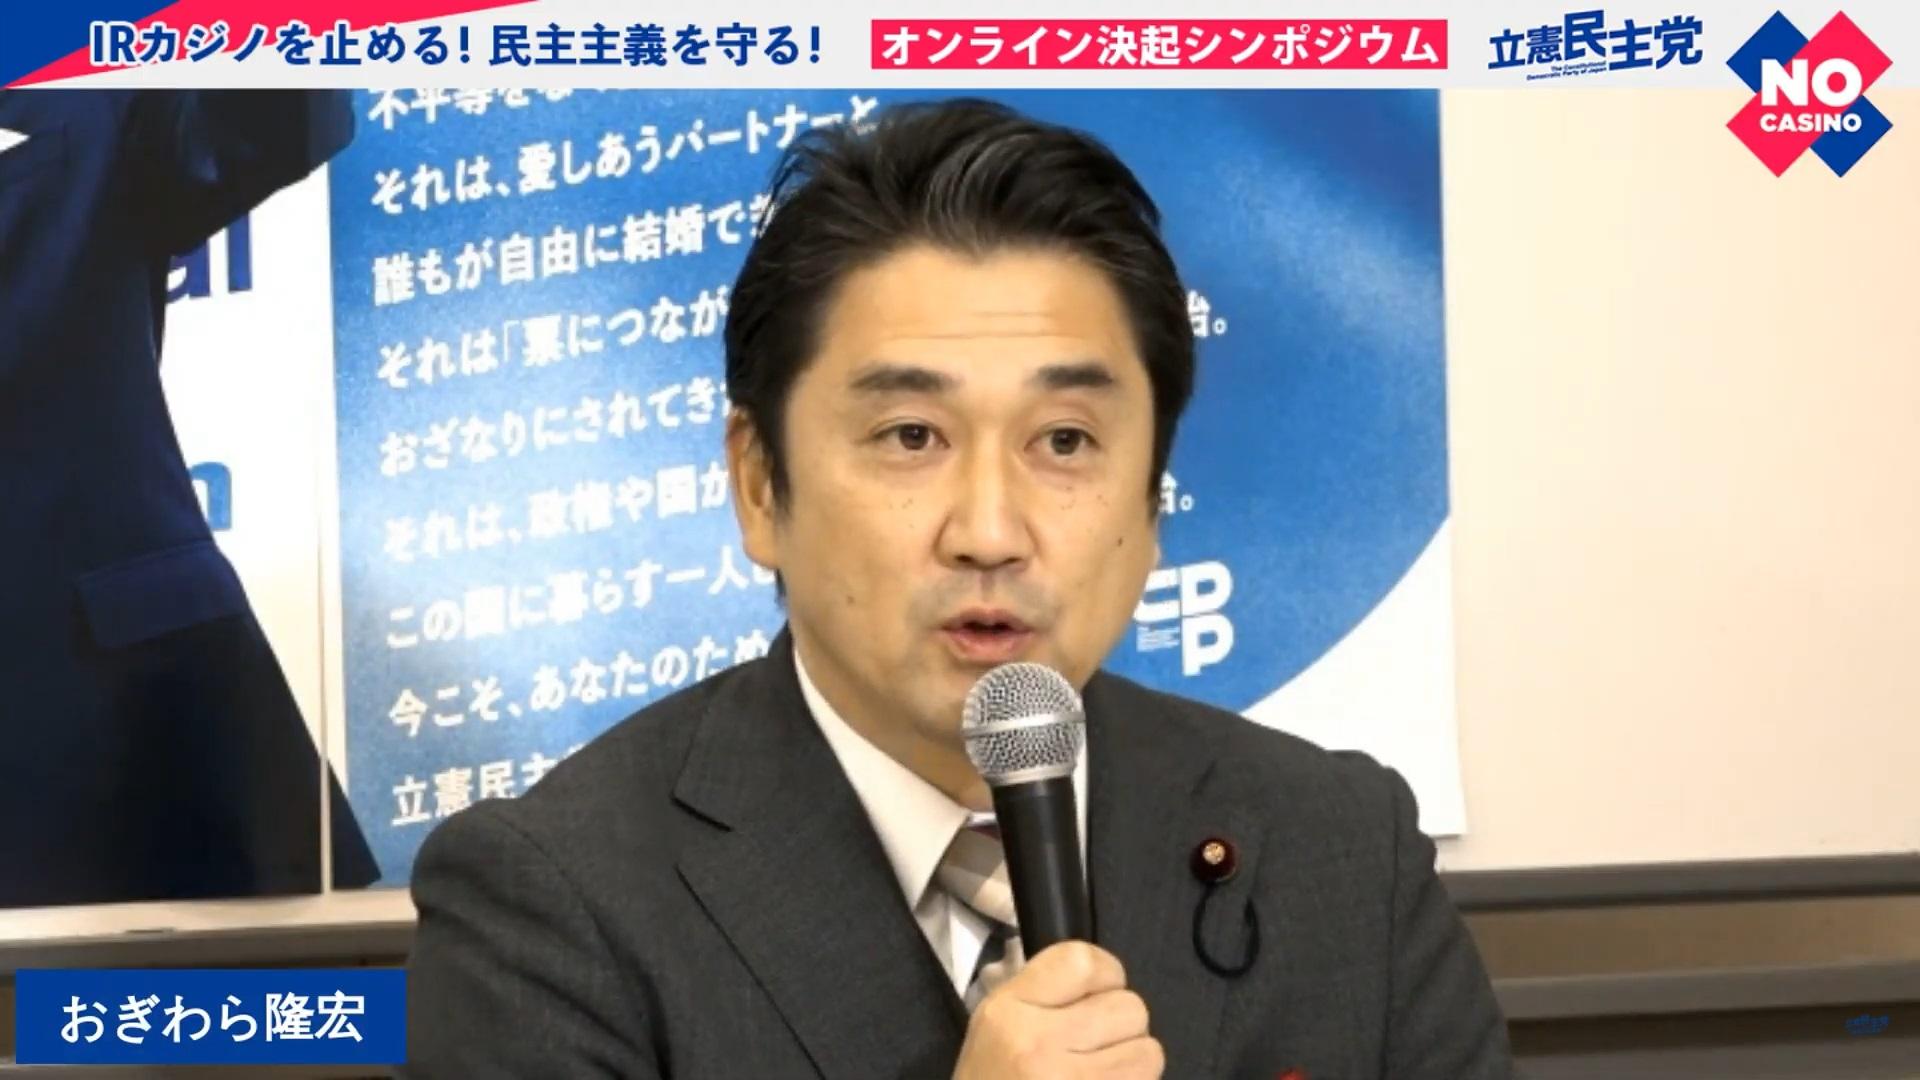 ニュースNews 横浜市カジノIR住民投票案否決に「民主主義とは何かが問われている問題」と枝野代表TAGSTAGSShare